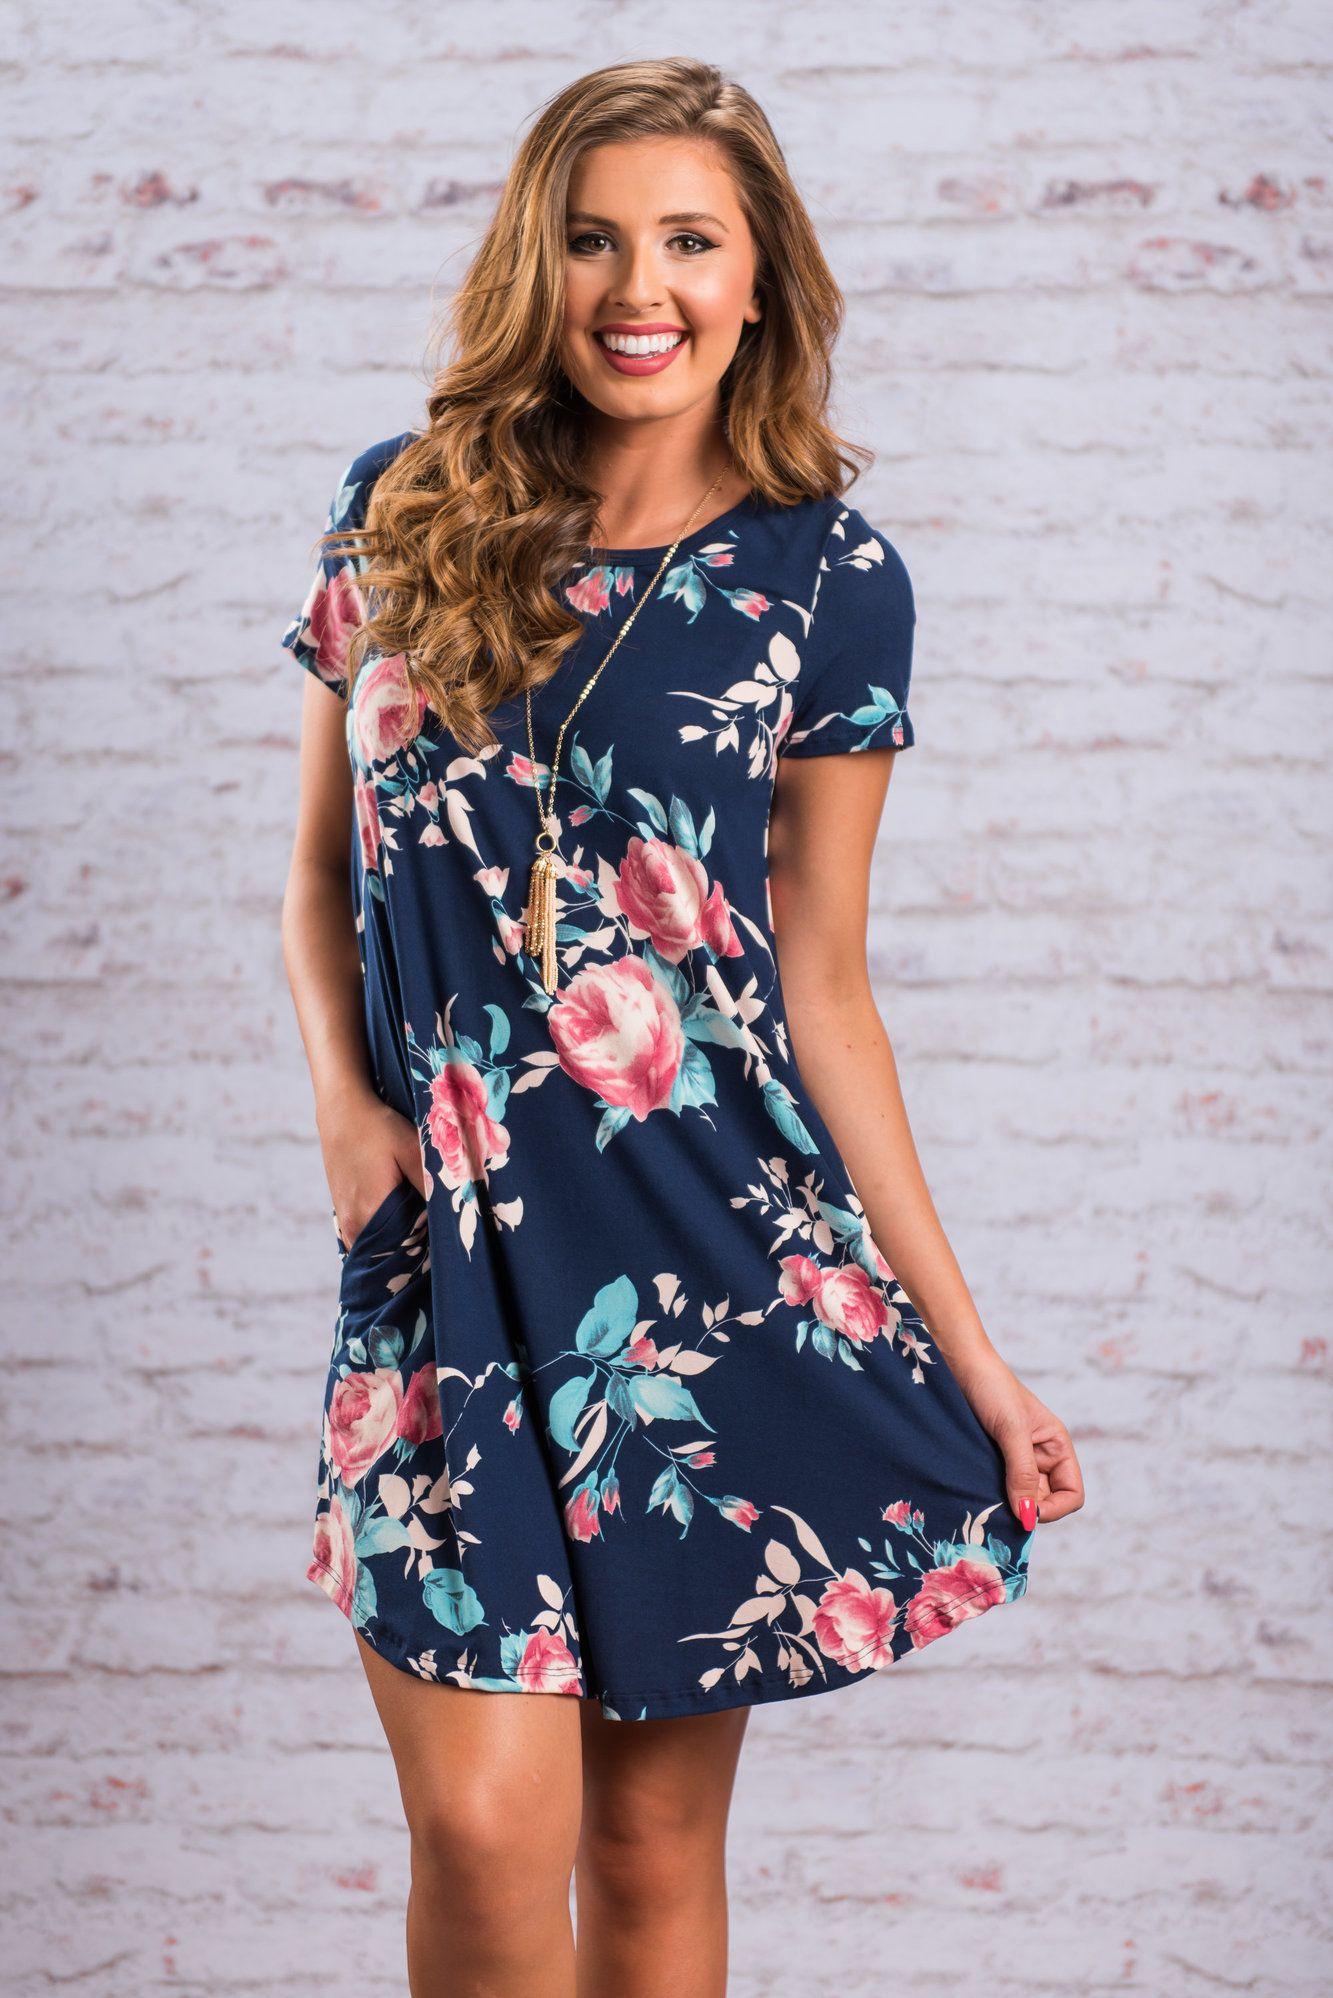 Navy Blue Dress T Shirt Dress Short Sleeve Dress Floral Summer Dress Modeshe Com Mini Dress Ladies Mini Dresses Floral Shirt Dress [ 1998 x 1333 Pixel ]